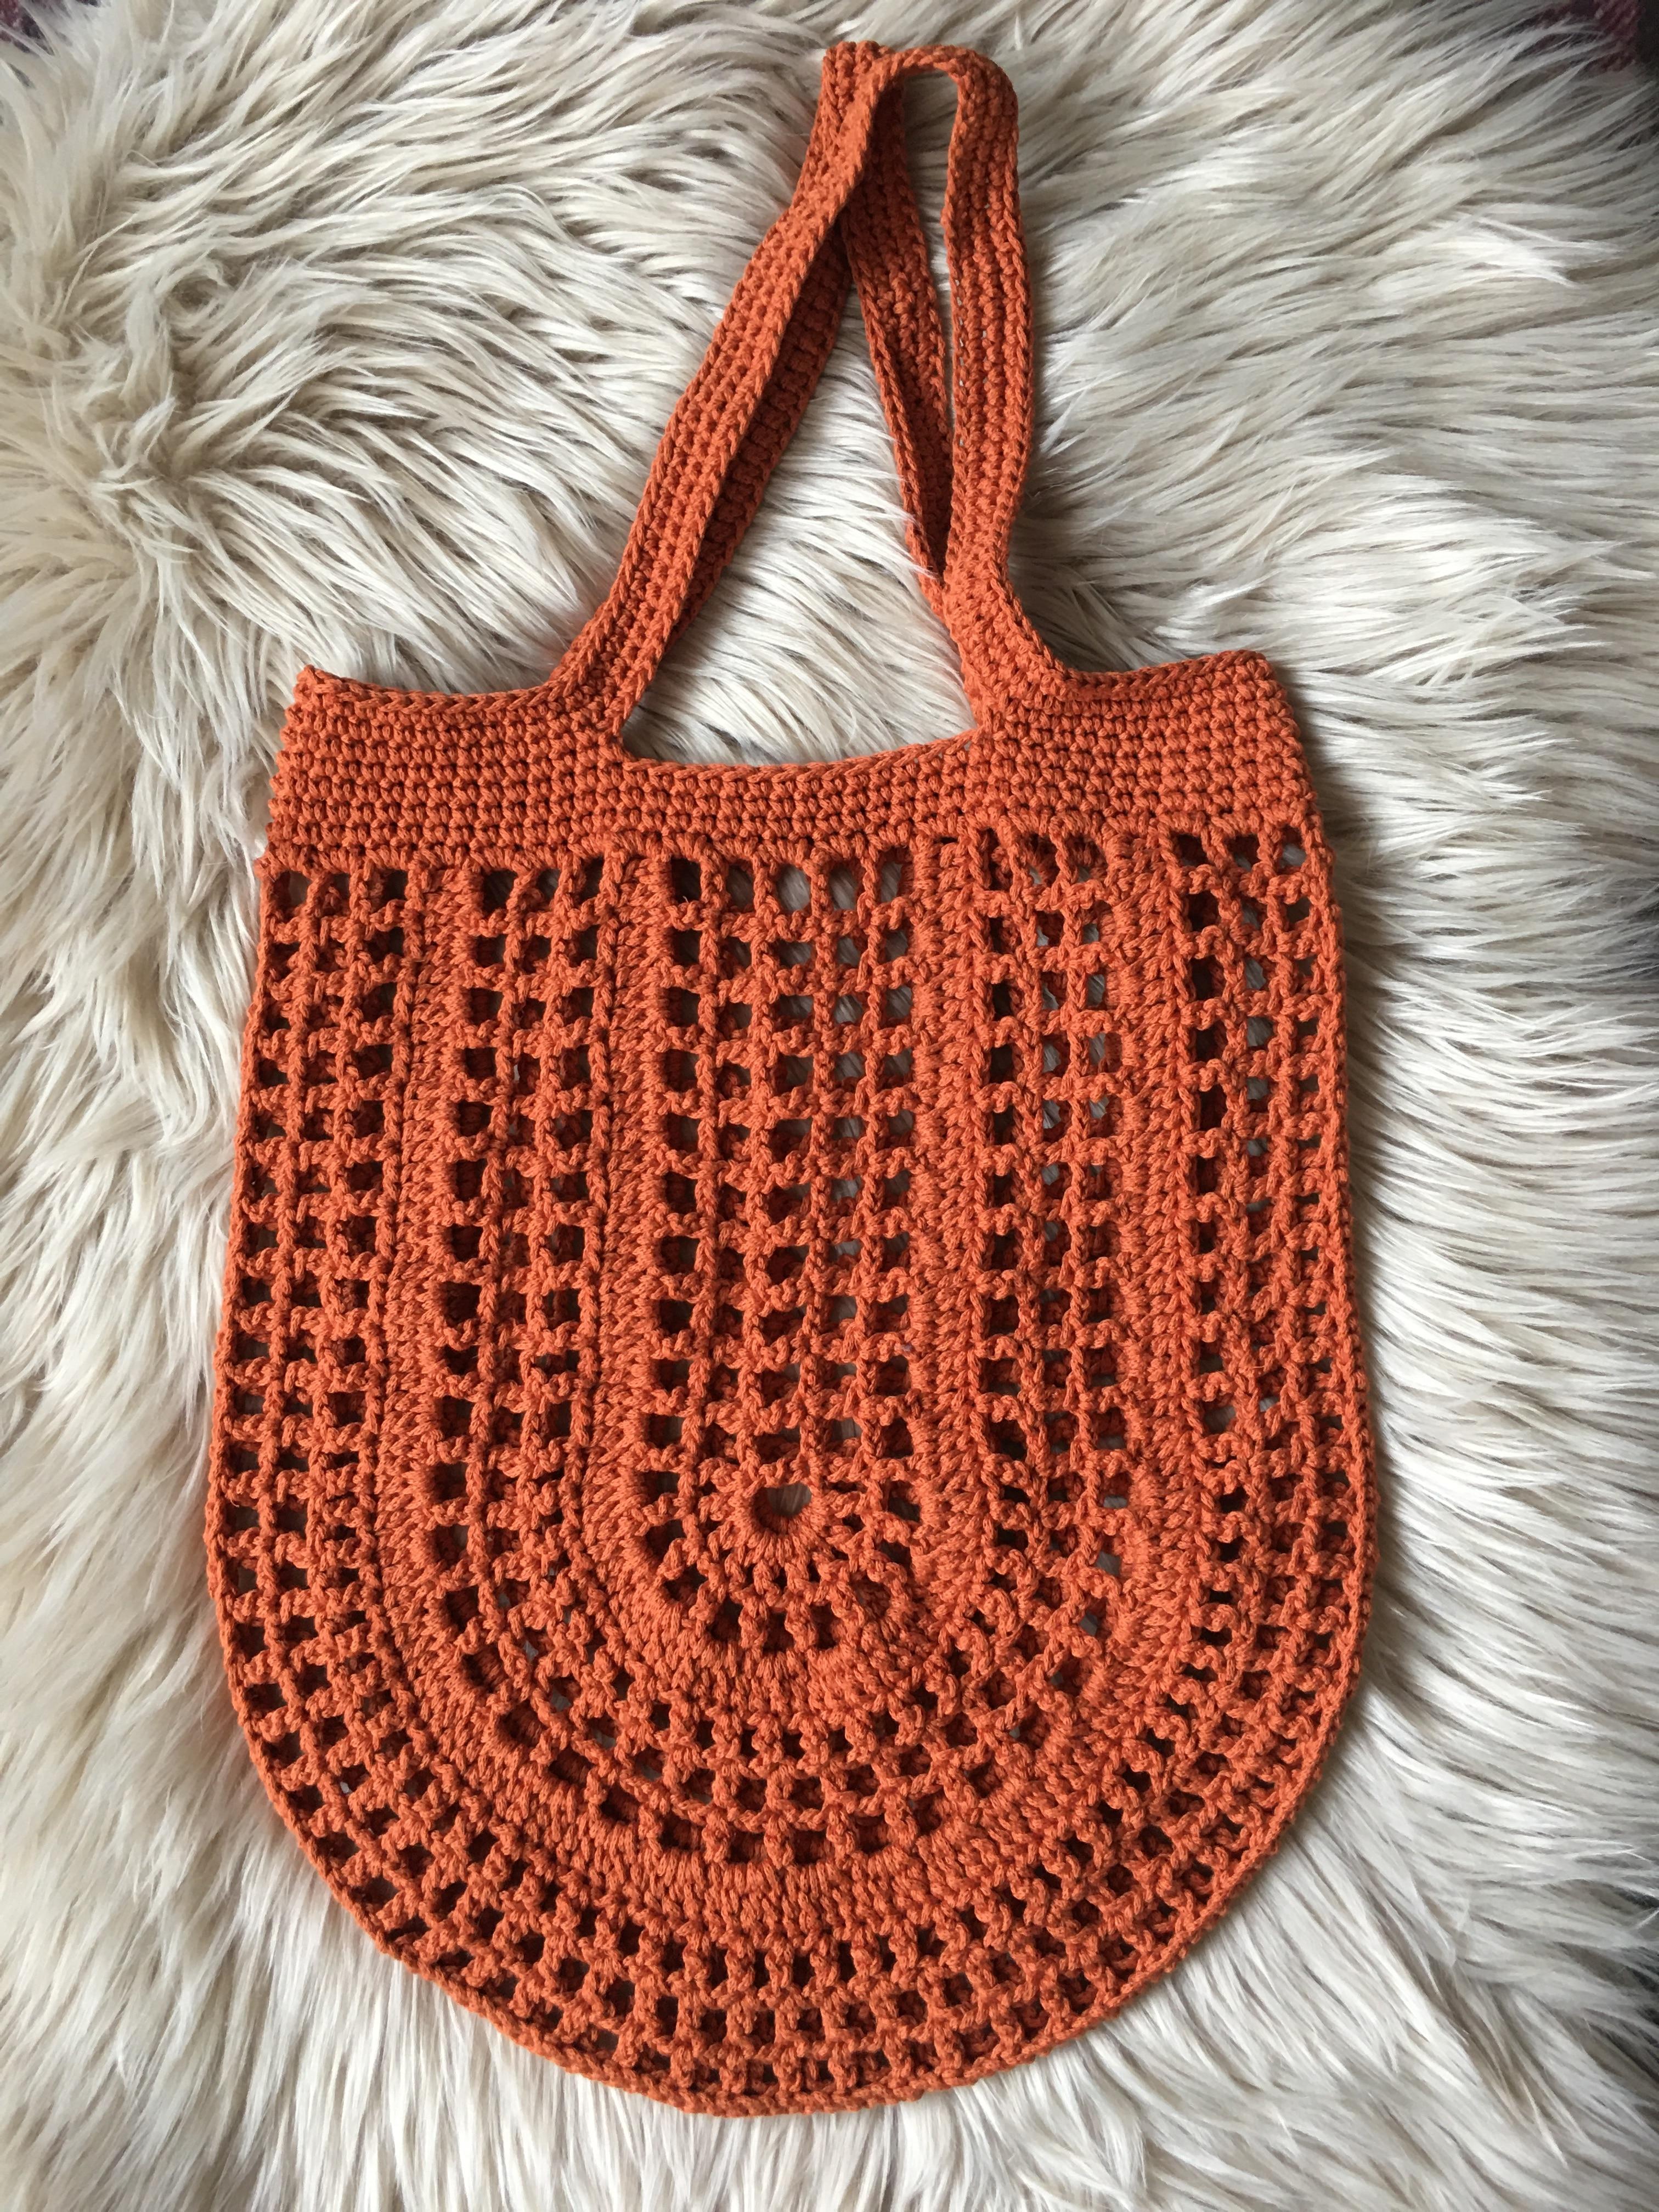 Coton macramé fichier sac à la main sac de plage sac au crochet sac à provisions sac fourre-tout sac à bandoulière sac à main en tricot sac de plage